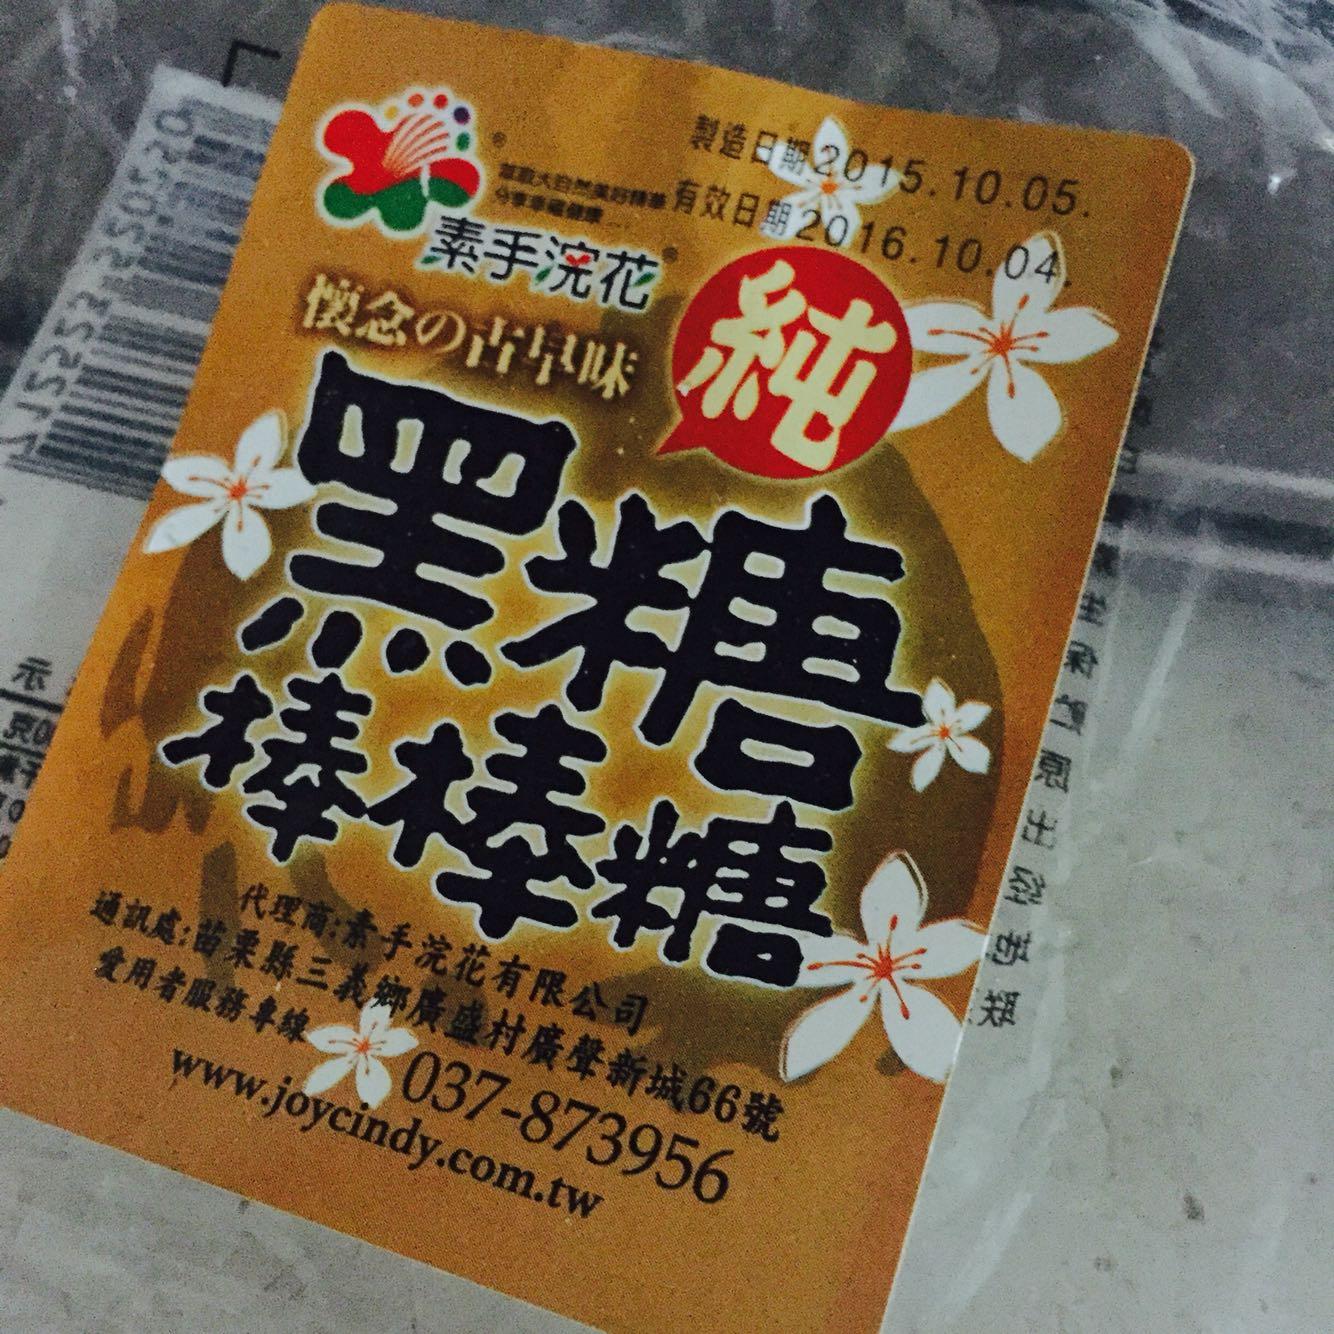 air jordan 1 retro low white 00274922 bags